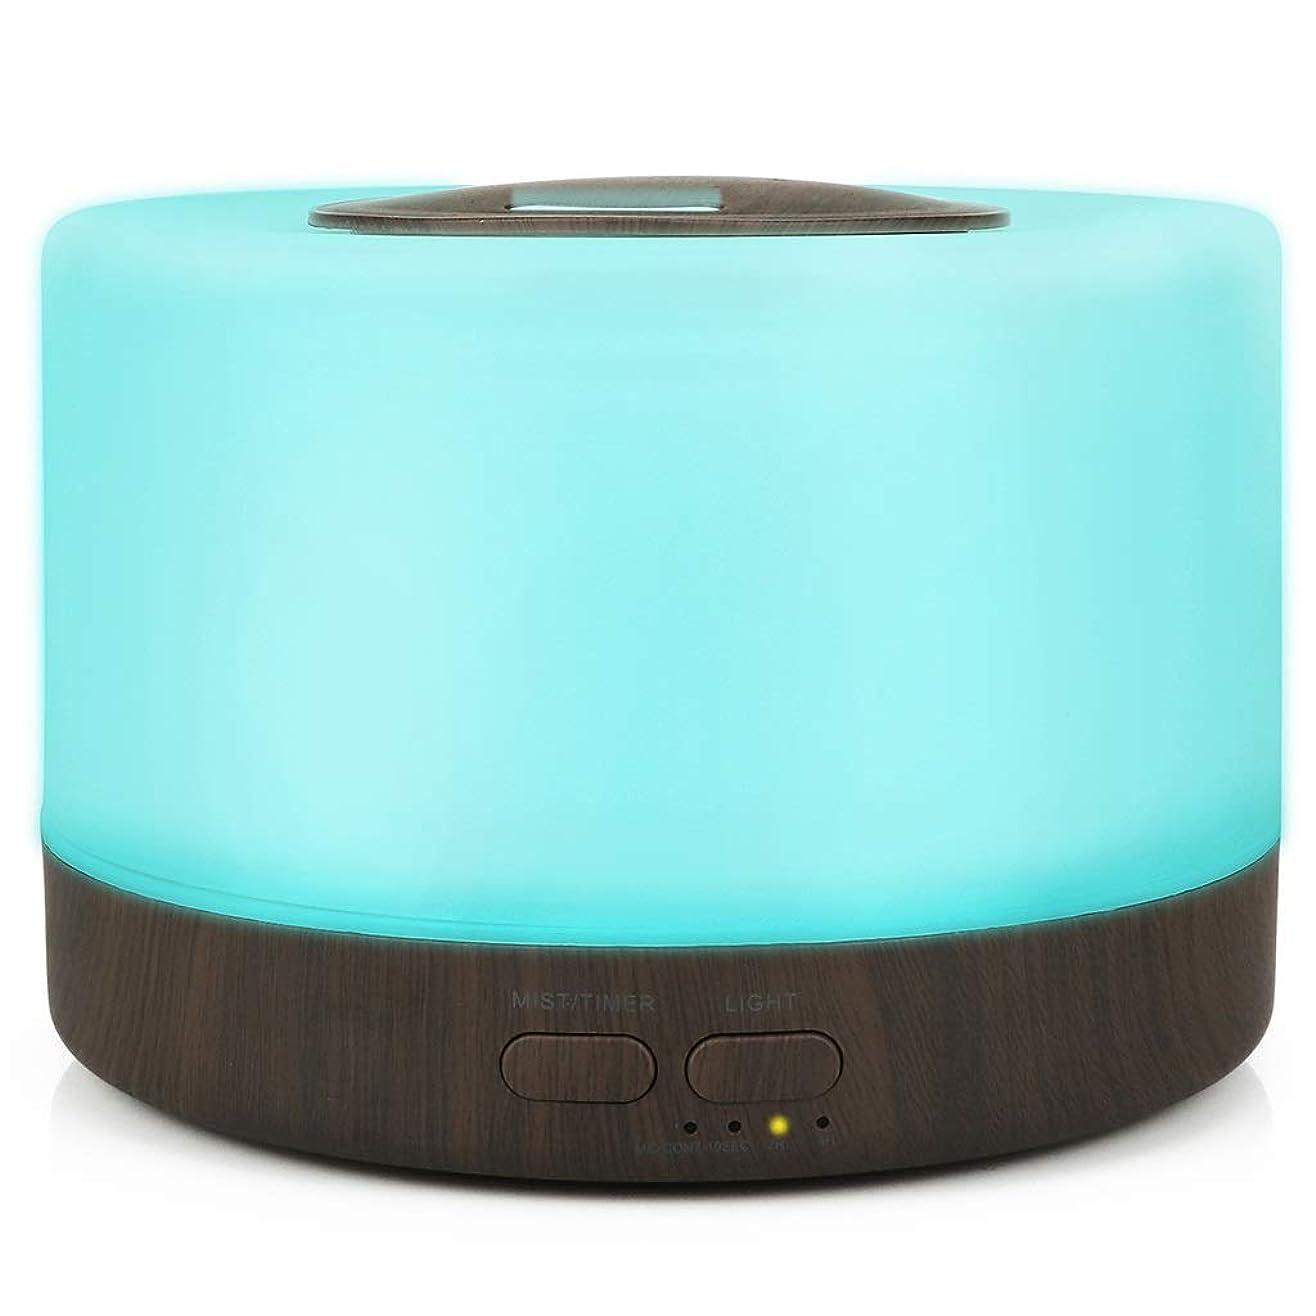 リードディフューザー 電子拡散アロマ加湿器アロマランプカラフルな超音波ミュートアロマセラピーマシンエアアロマミニ加湿器500ミリリットル YHDD (Color : B)